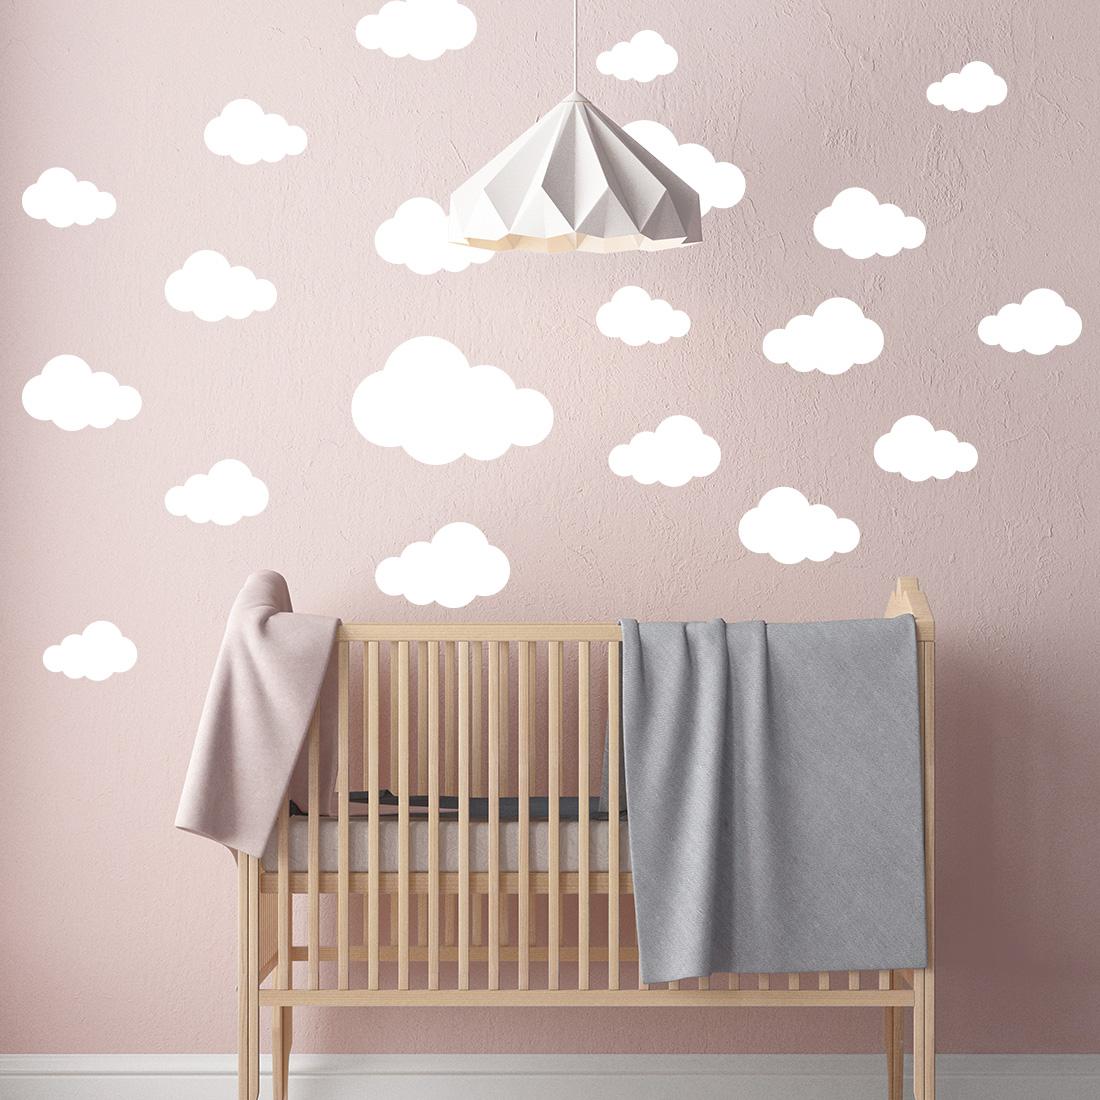 Muurstickers Kinderkamer Goedkoop.Muursticker Babykamer Wolken Set Eigen Kleur 12 95 Gratis